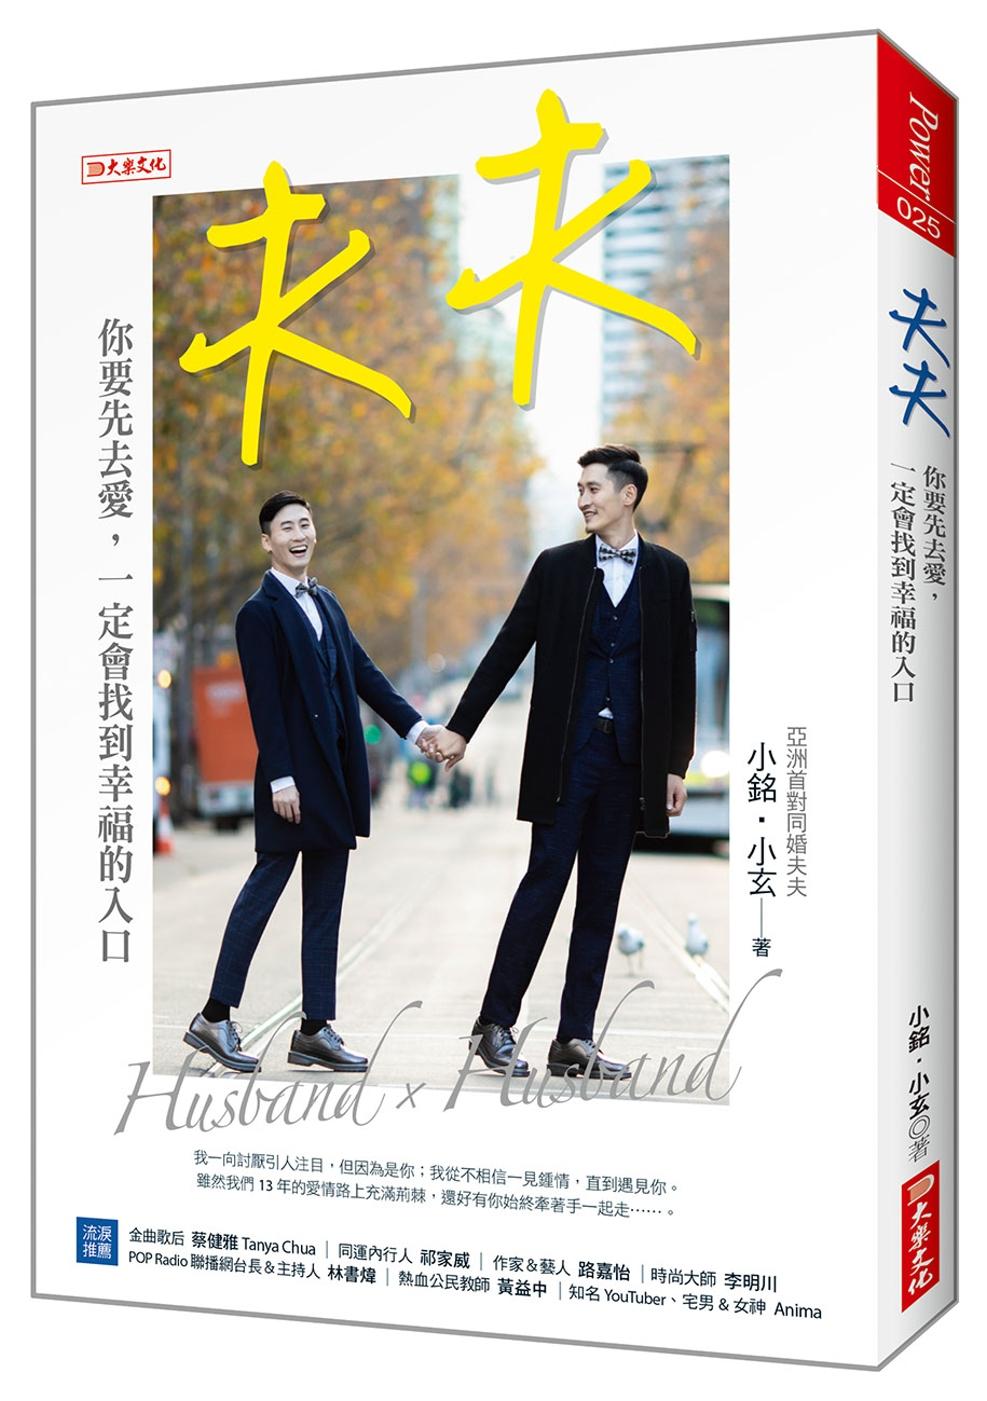 夫夫:你要先去愛,一定會找到幸福的入口〈限量簽名版+精美明信片+2張書籤〉